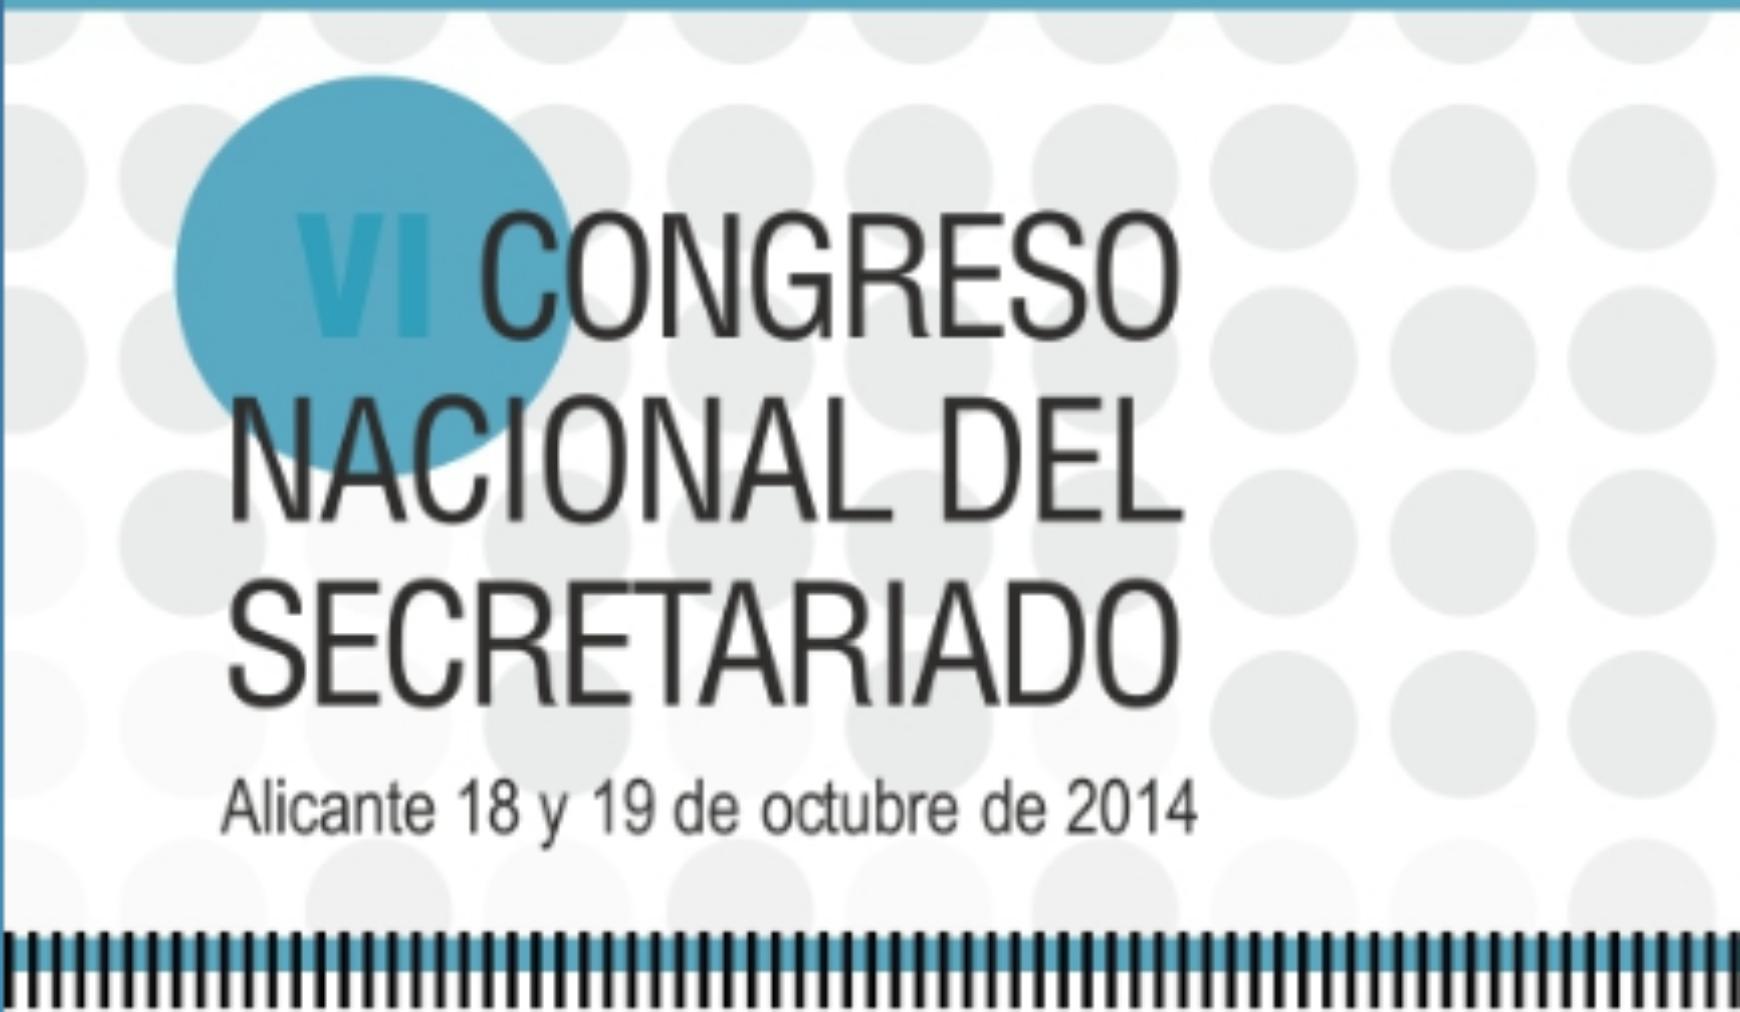 VI Congreso Nacional del Secretariado, se celebrará los días 18 y 19 de octubre, en Alicante.